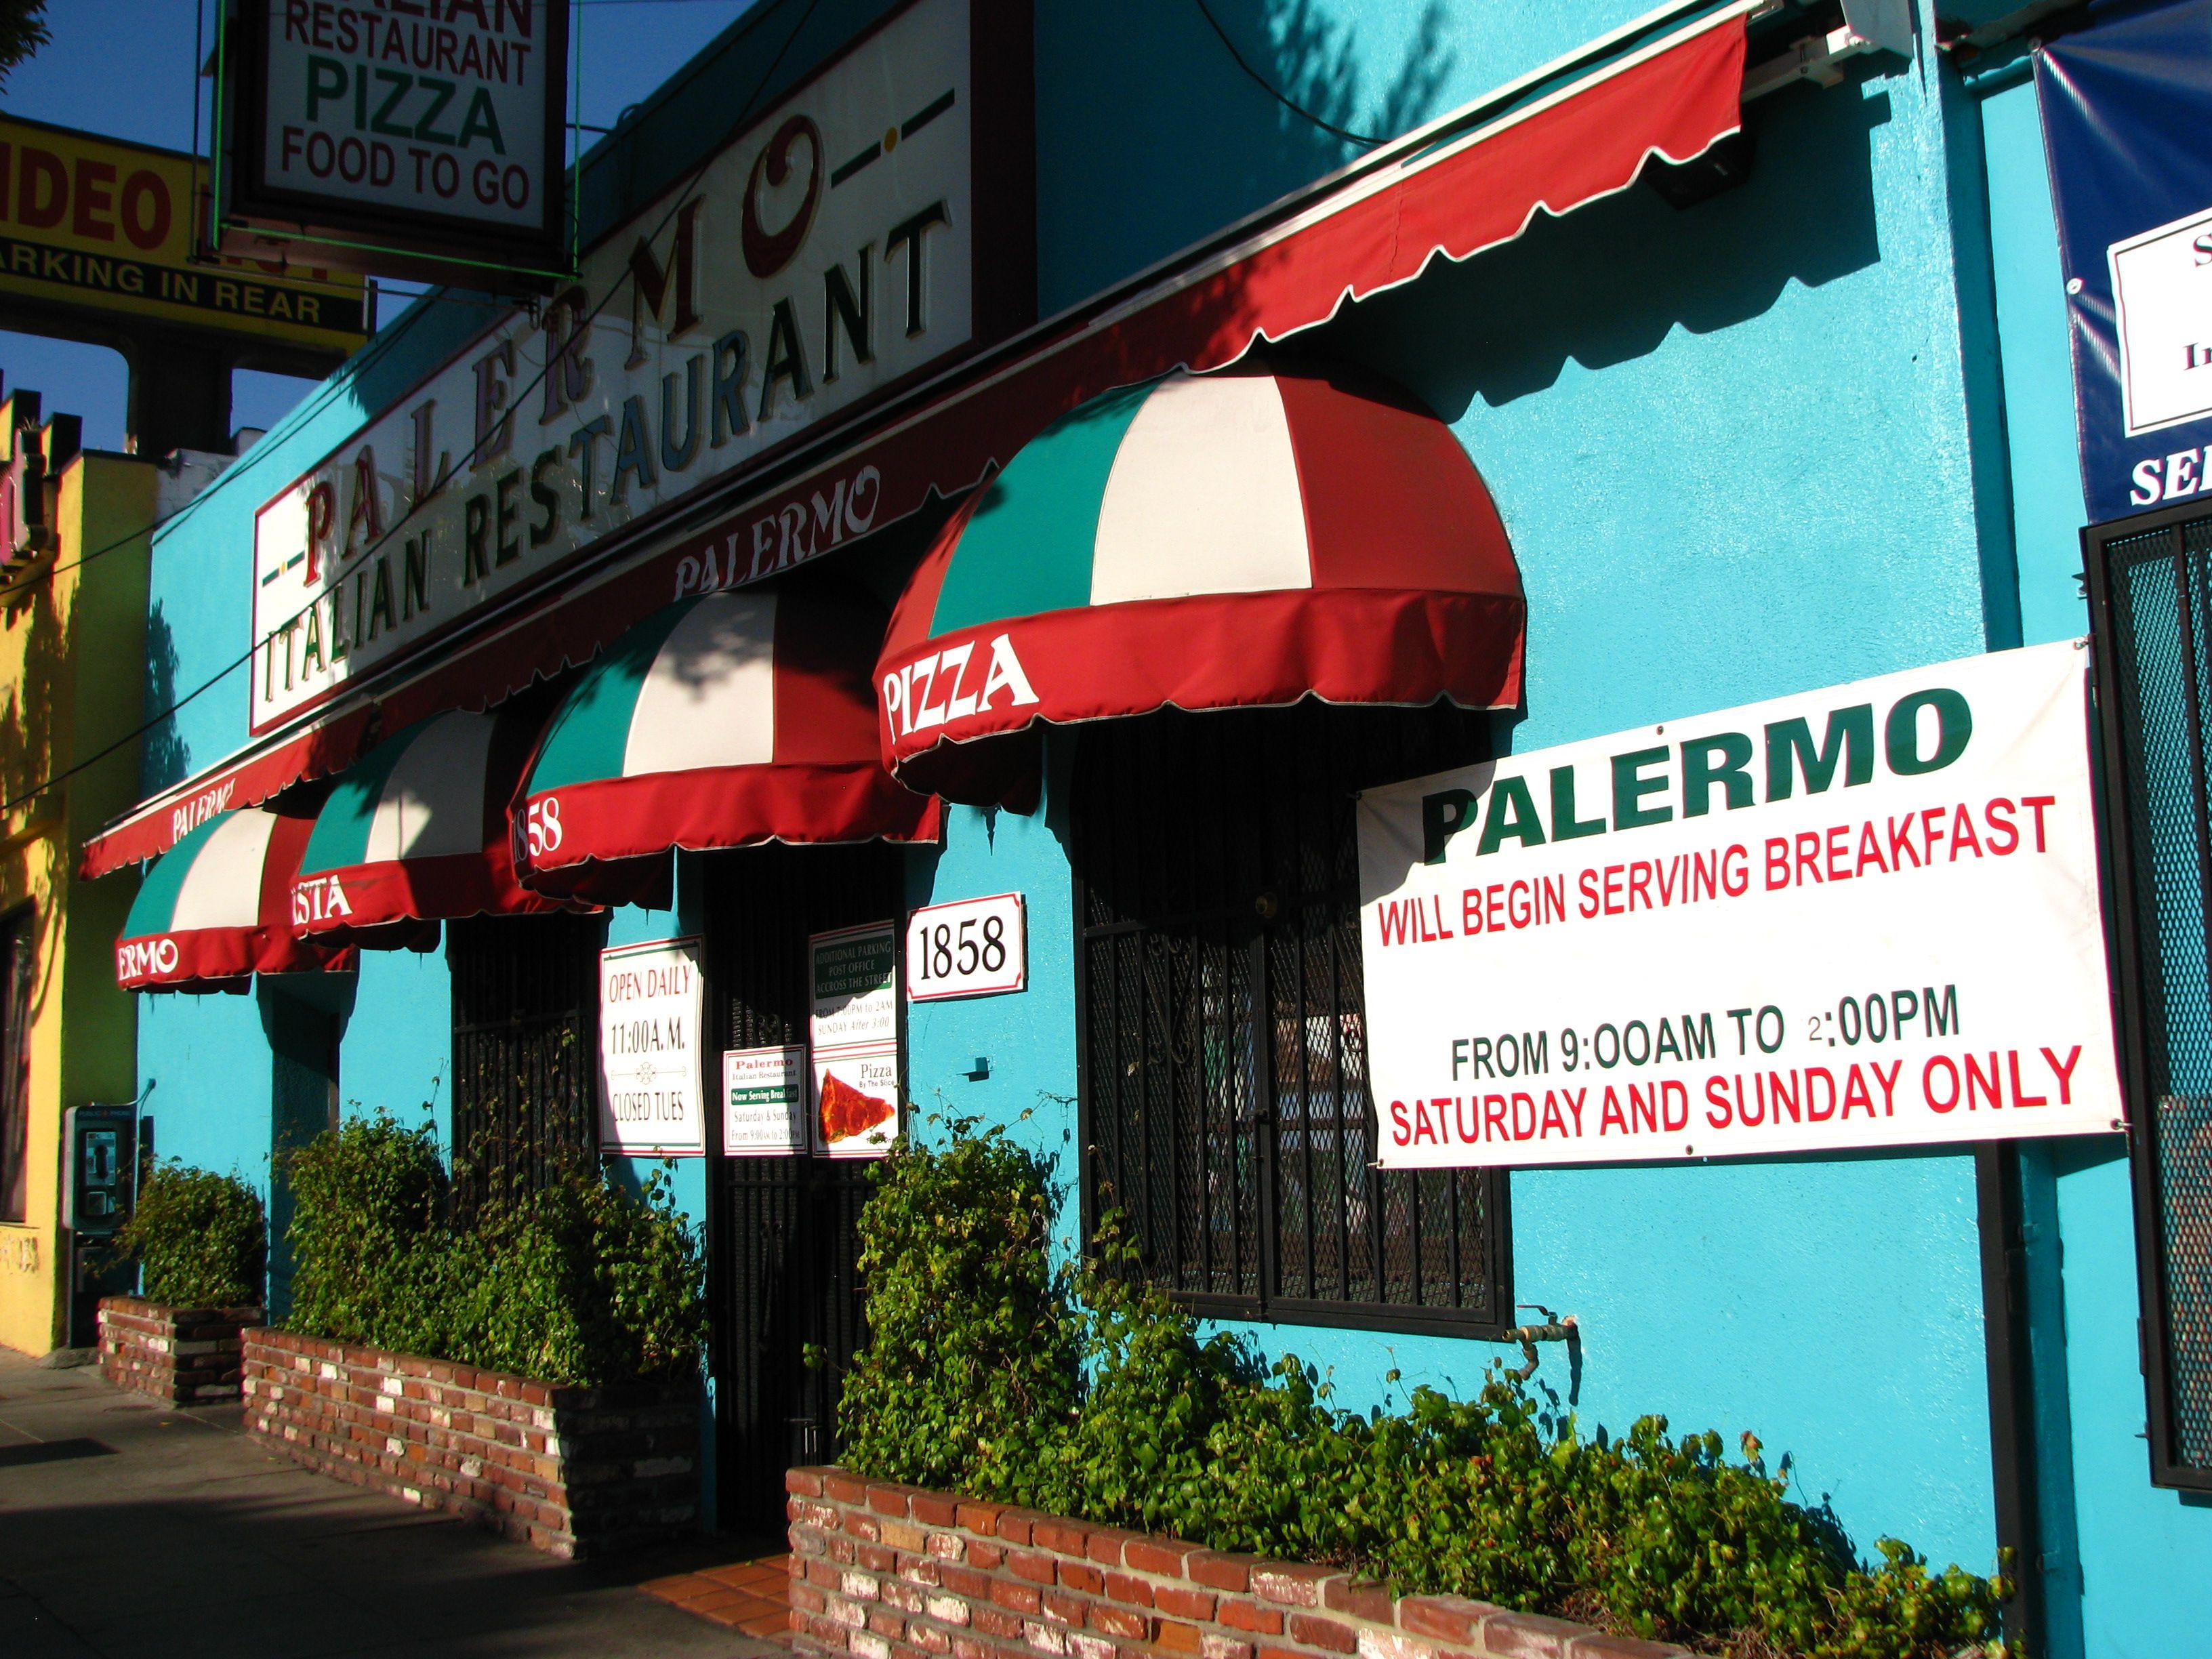 Palermo_Restaurant_1.JPG